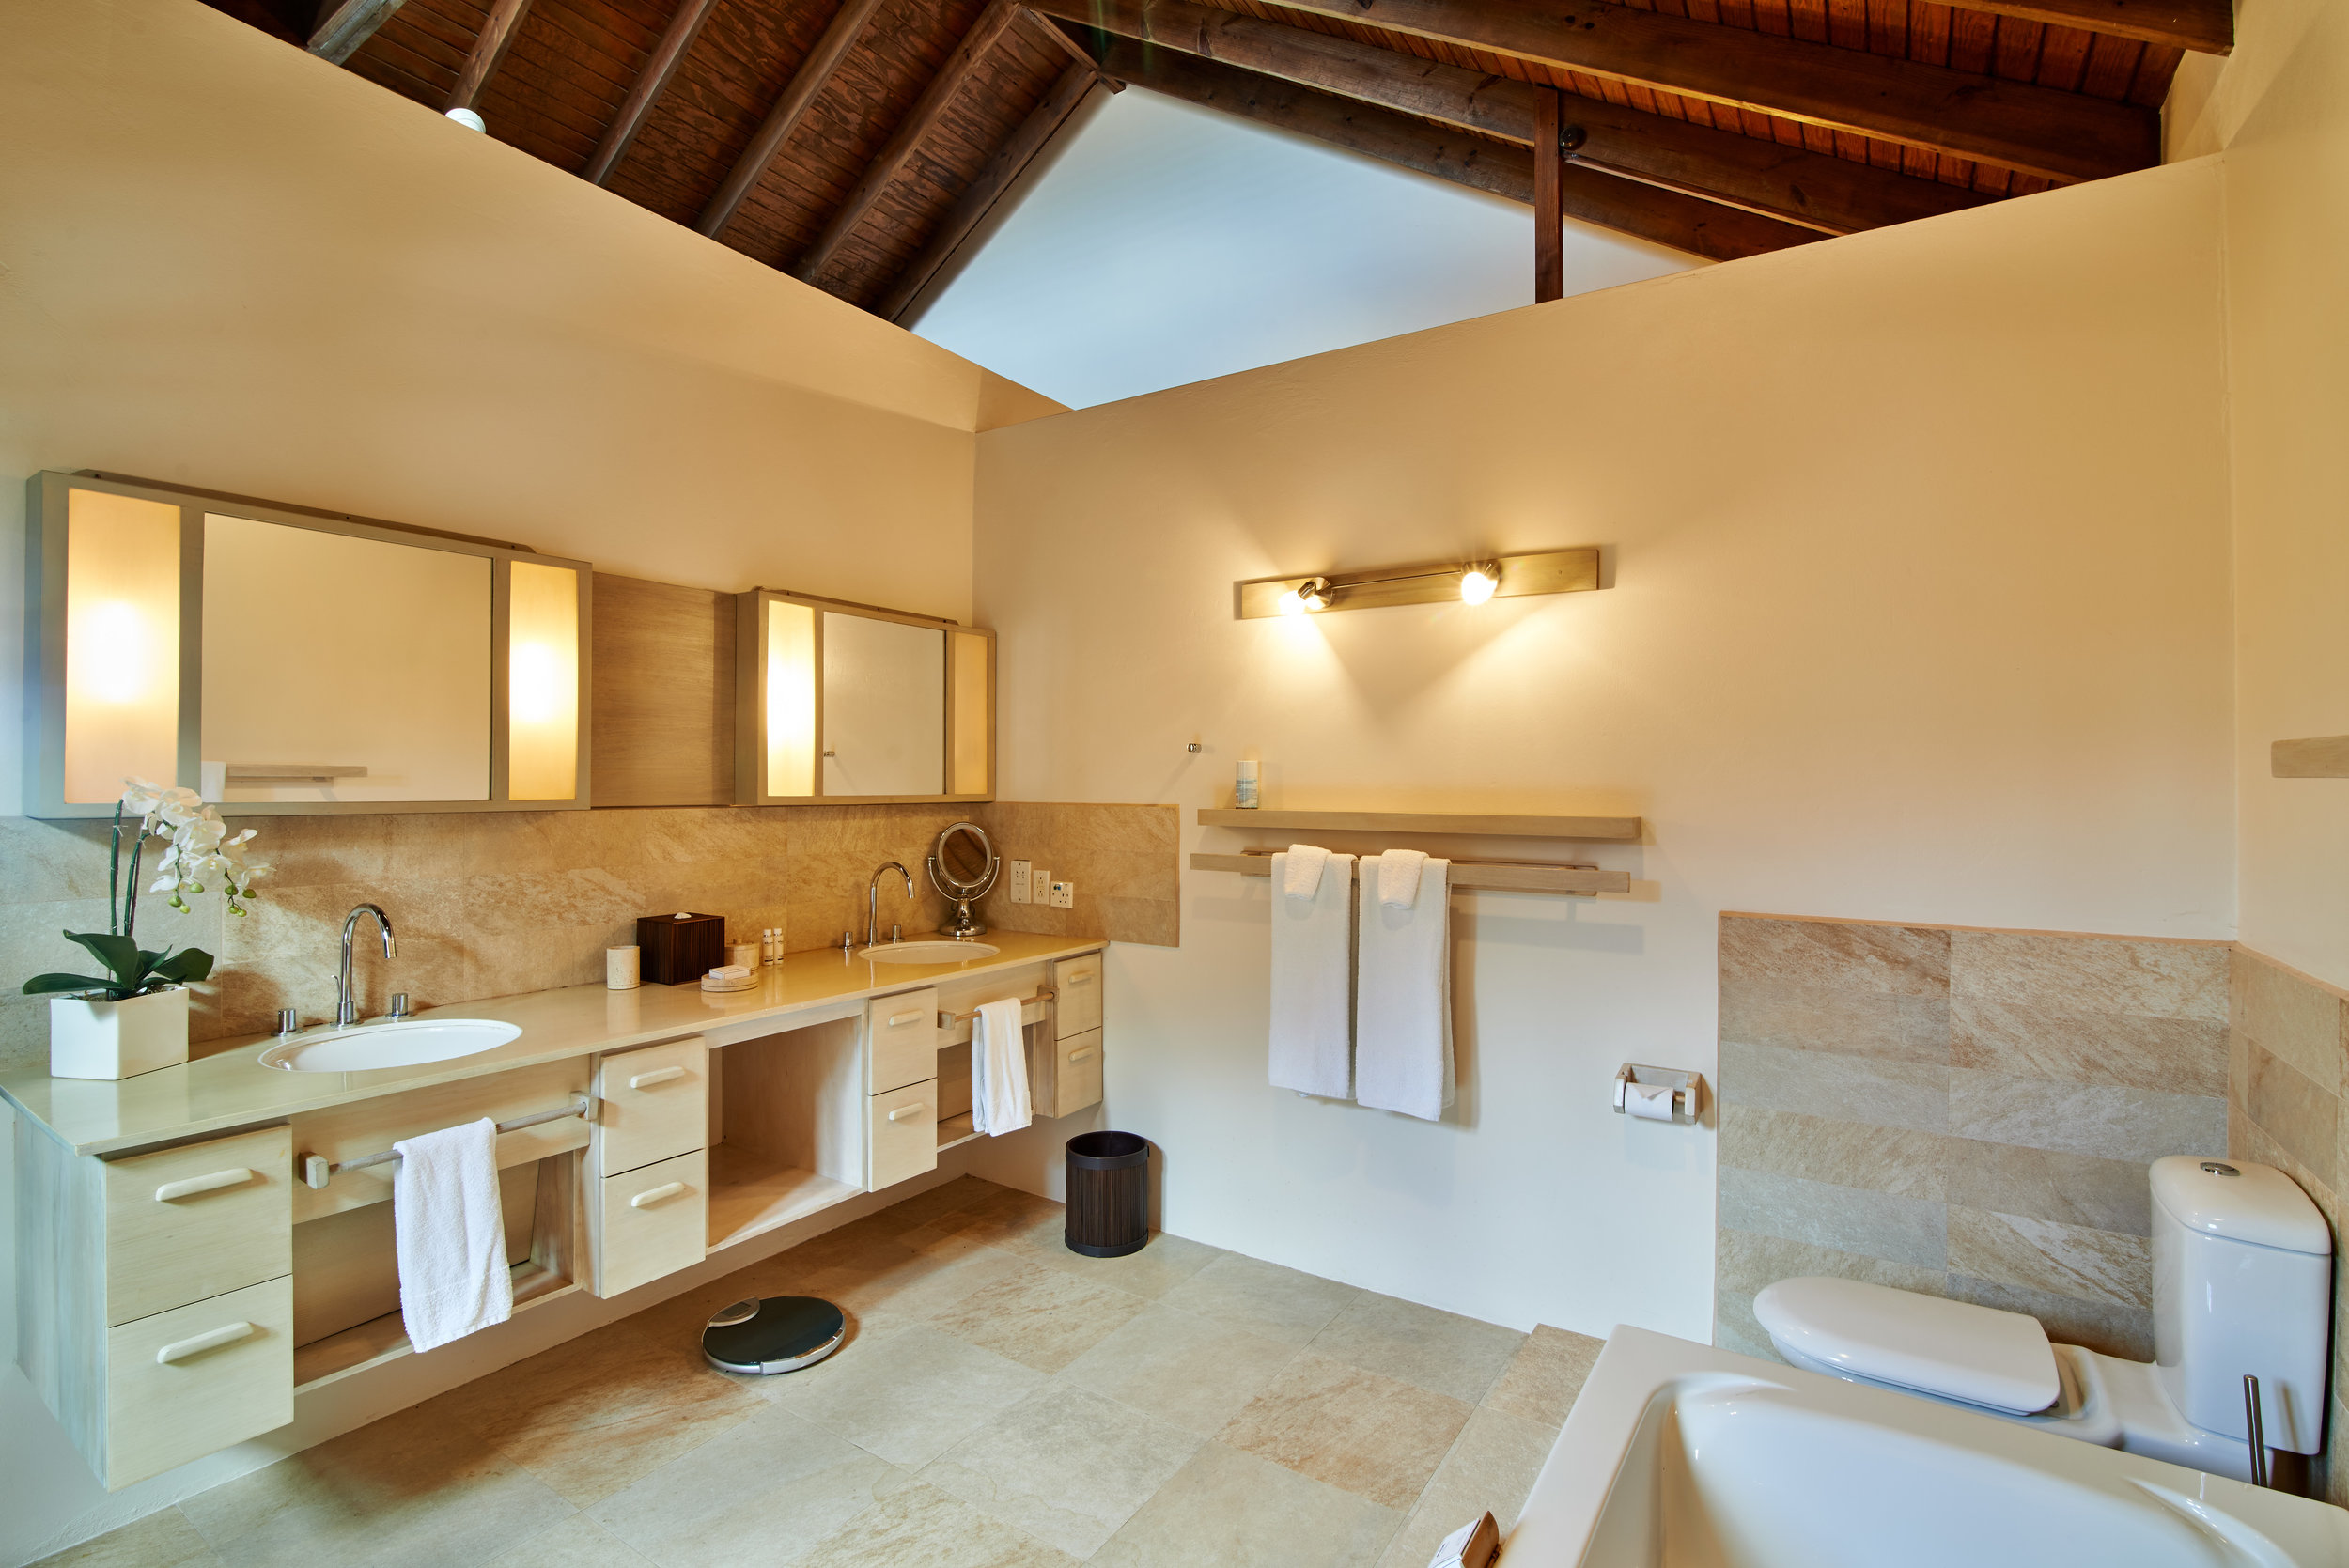 Caribali_bedroom-3_bathroom-1.jpg